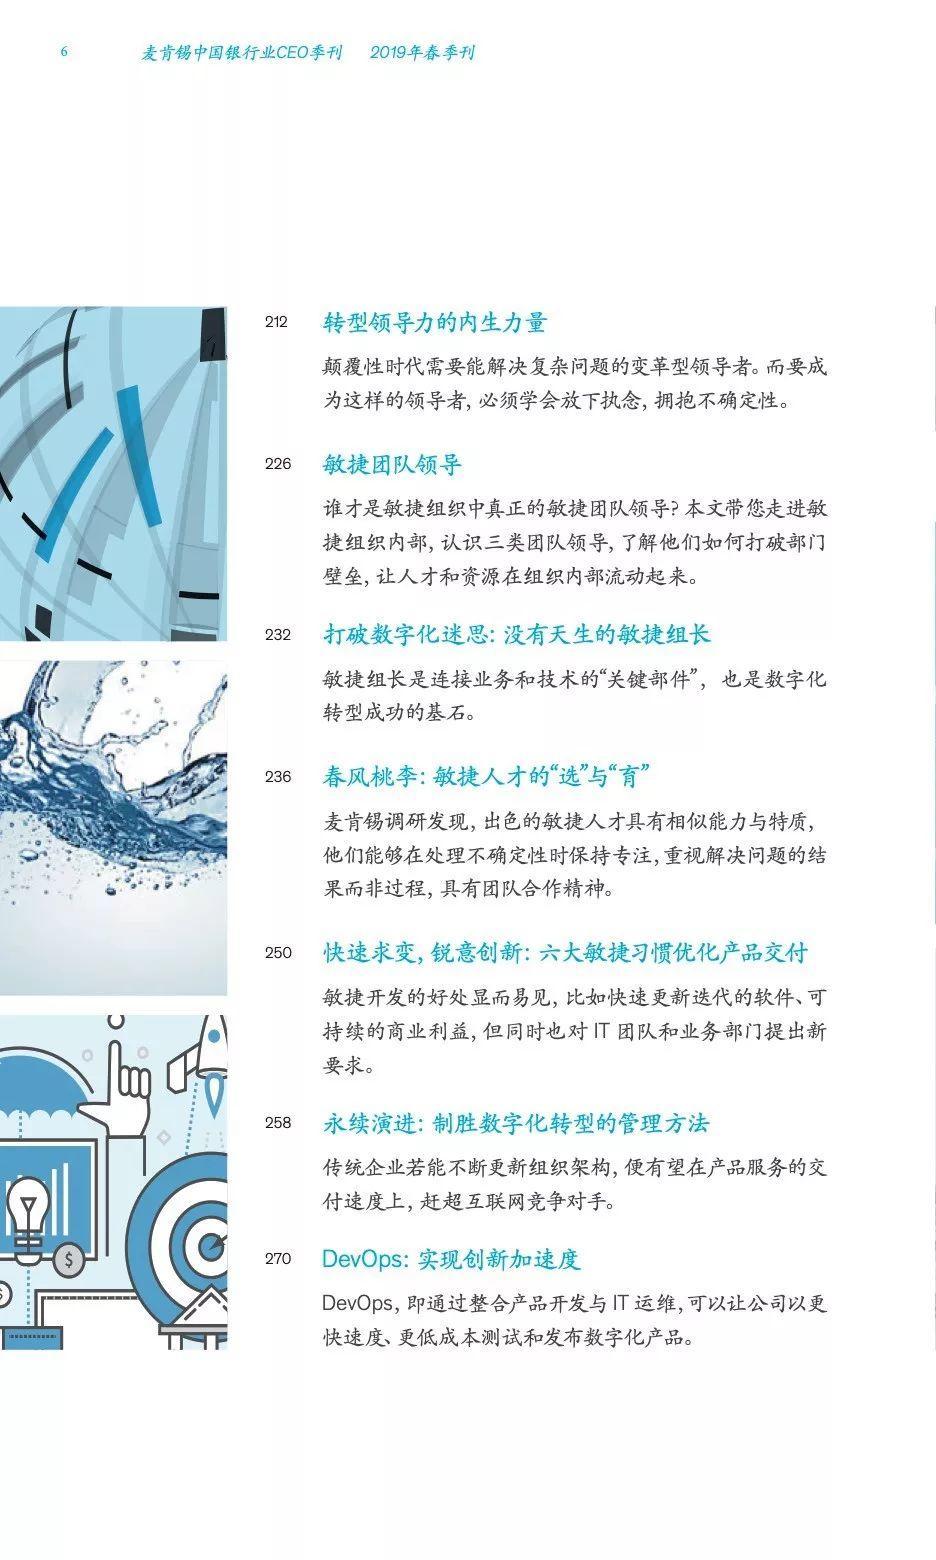 麦肯锡中国银行业CEO季刊2019年春季刊——敏捷银行打破边界组织创新